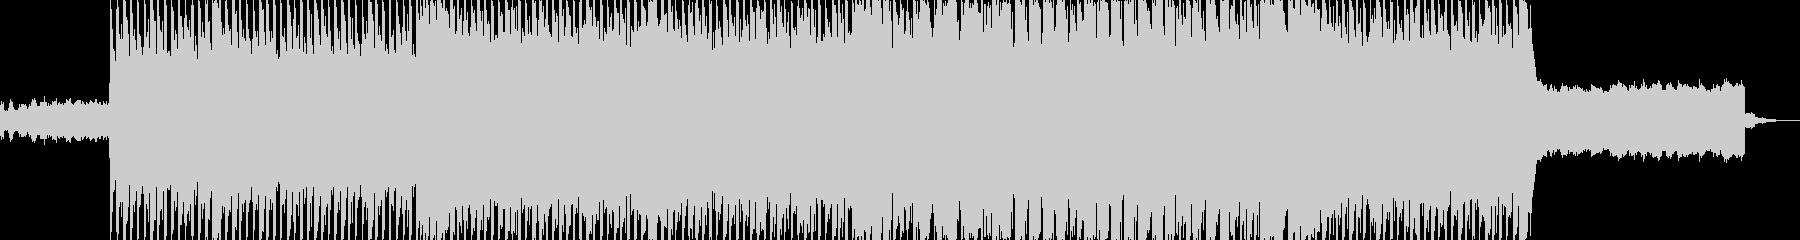 ハイテンポのノリノリの楽曲で、レトロな…の未再生の波形